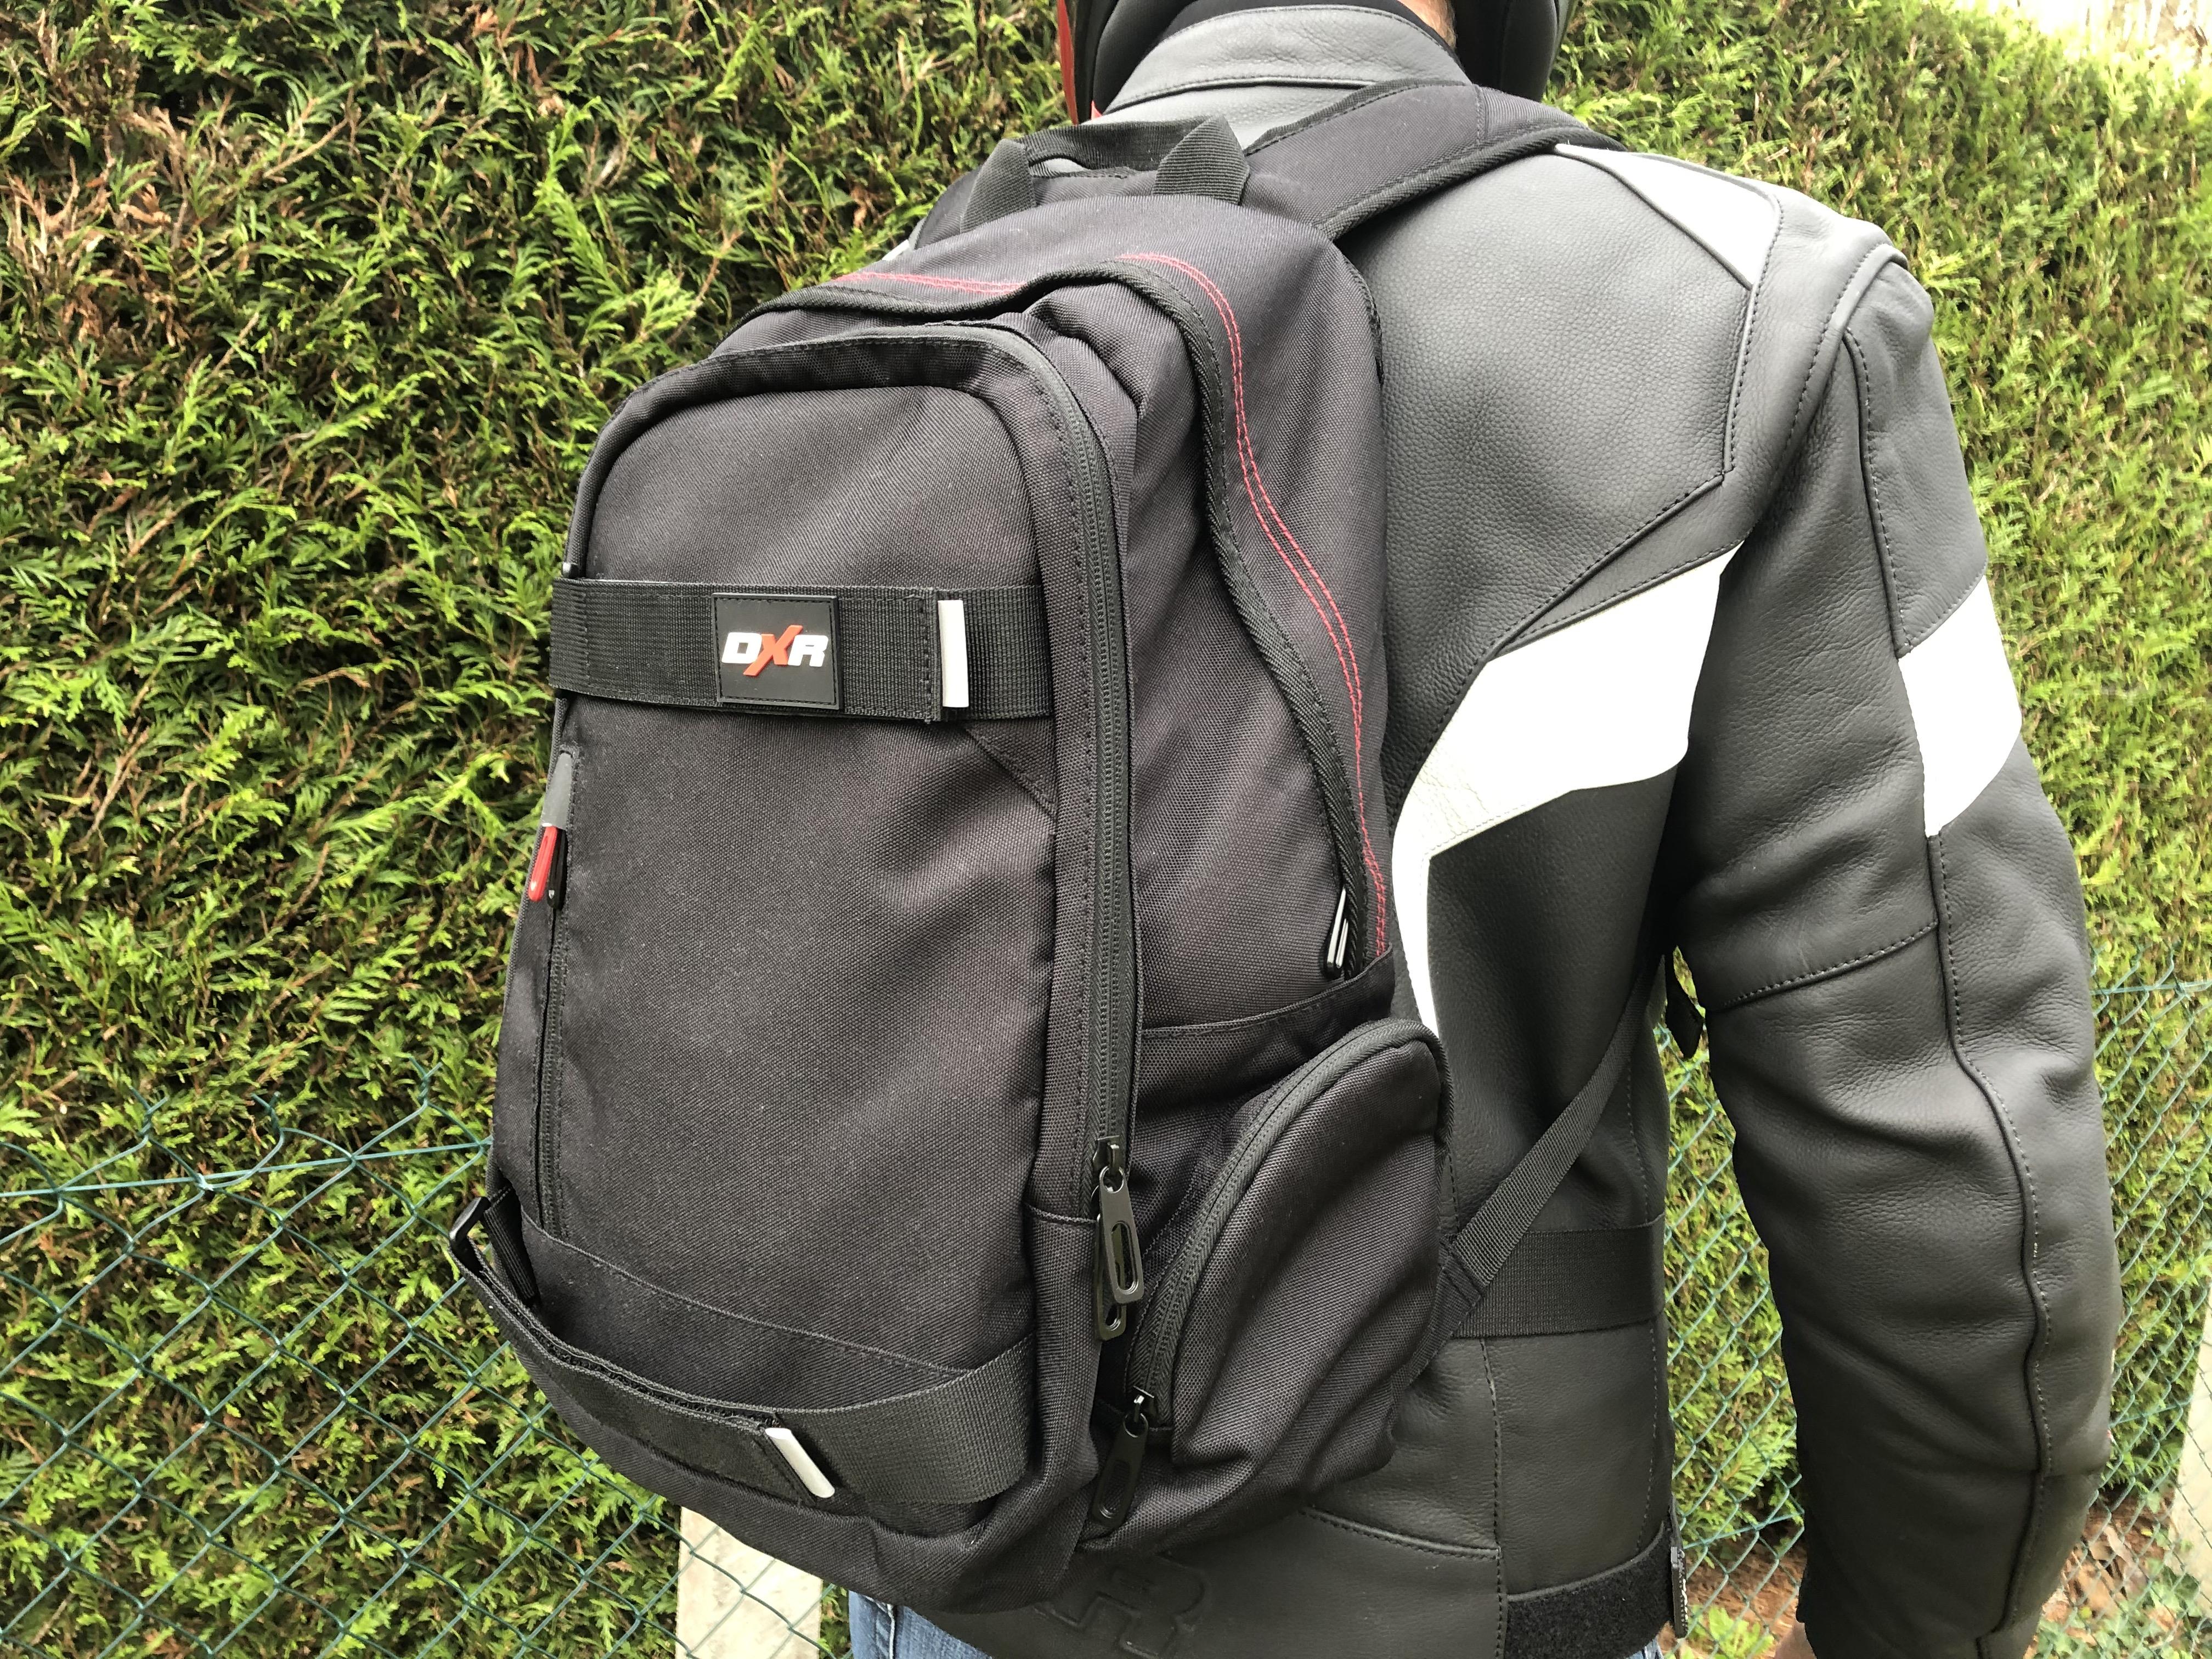 DXR Joe - vue d'ensemble du sac à dos